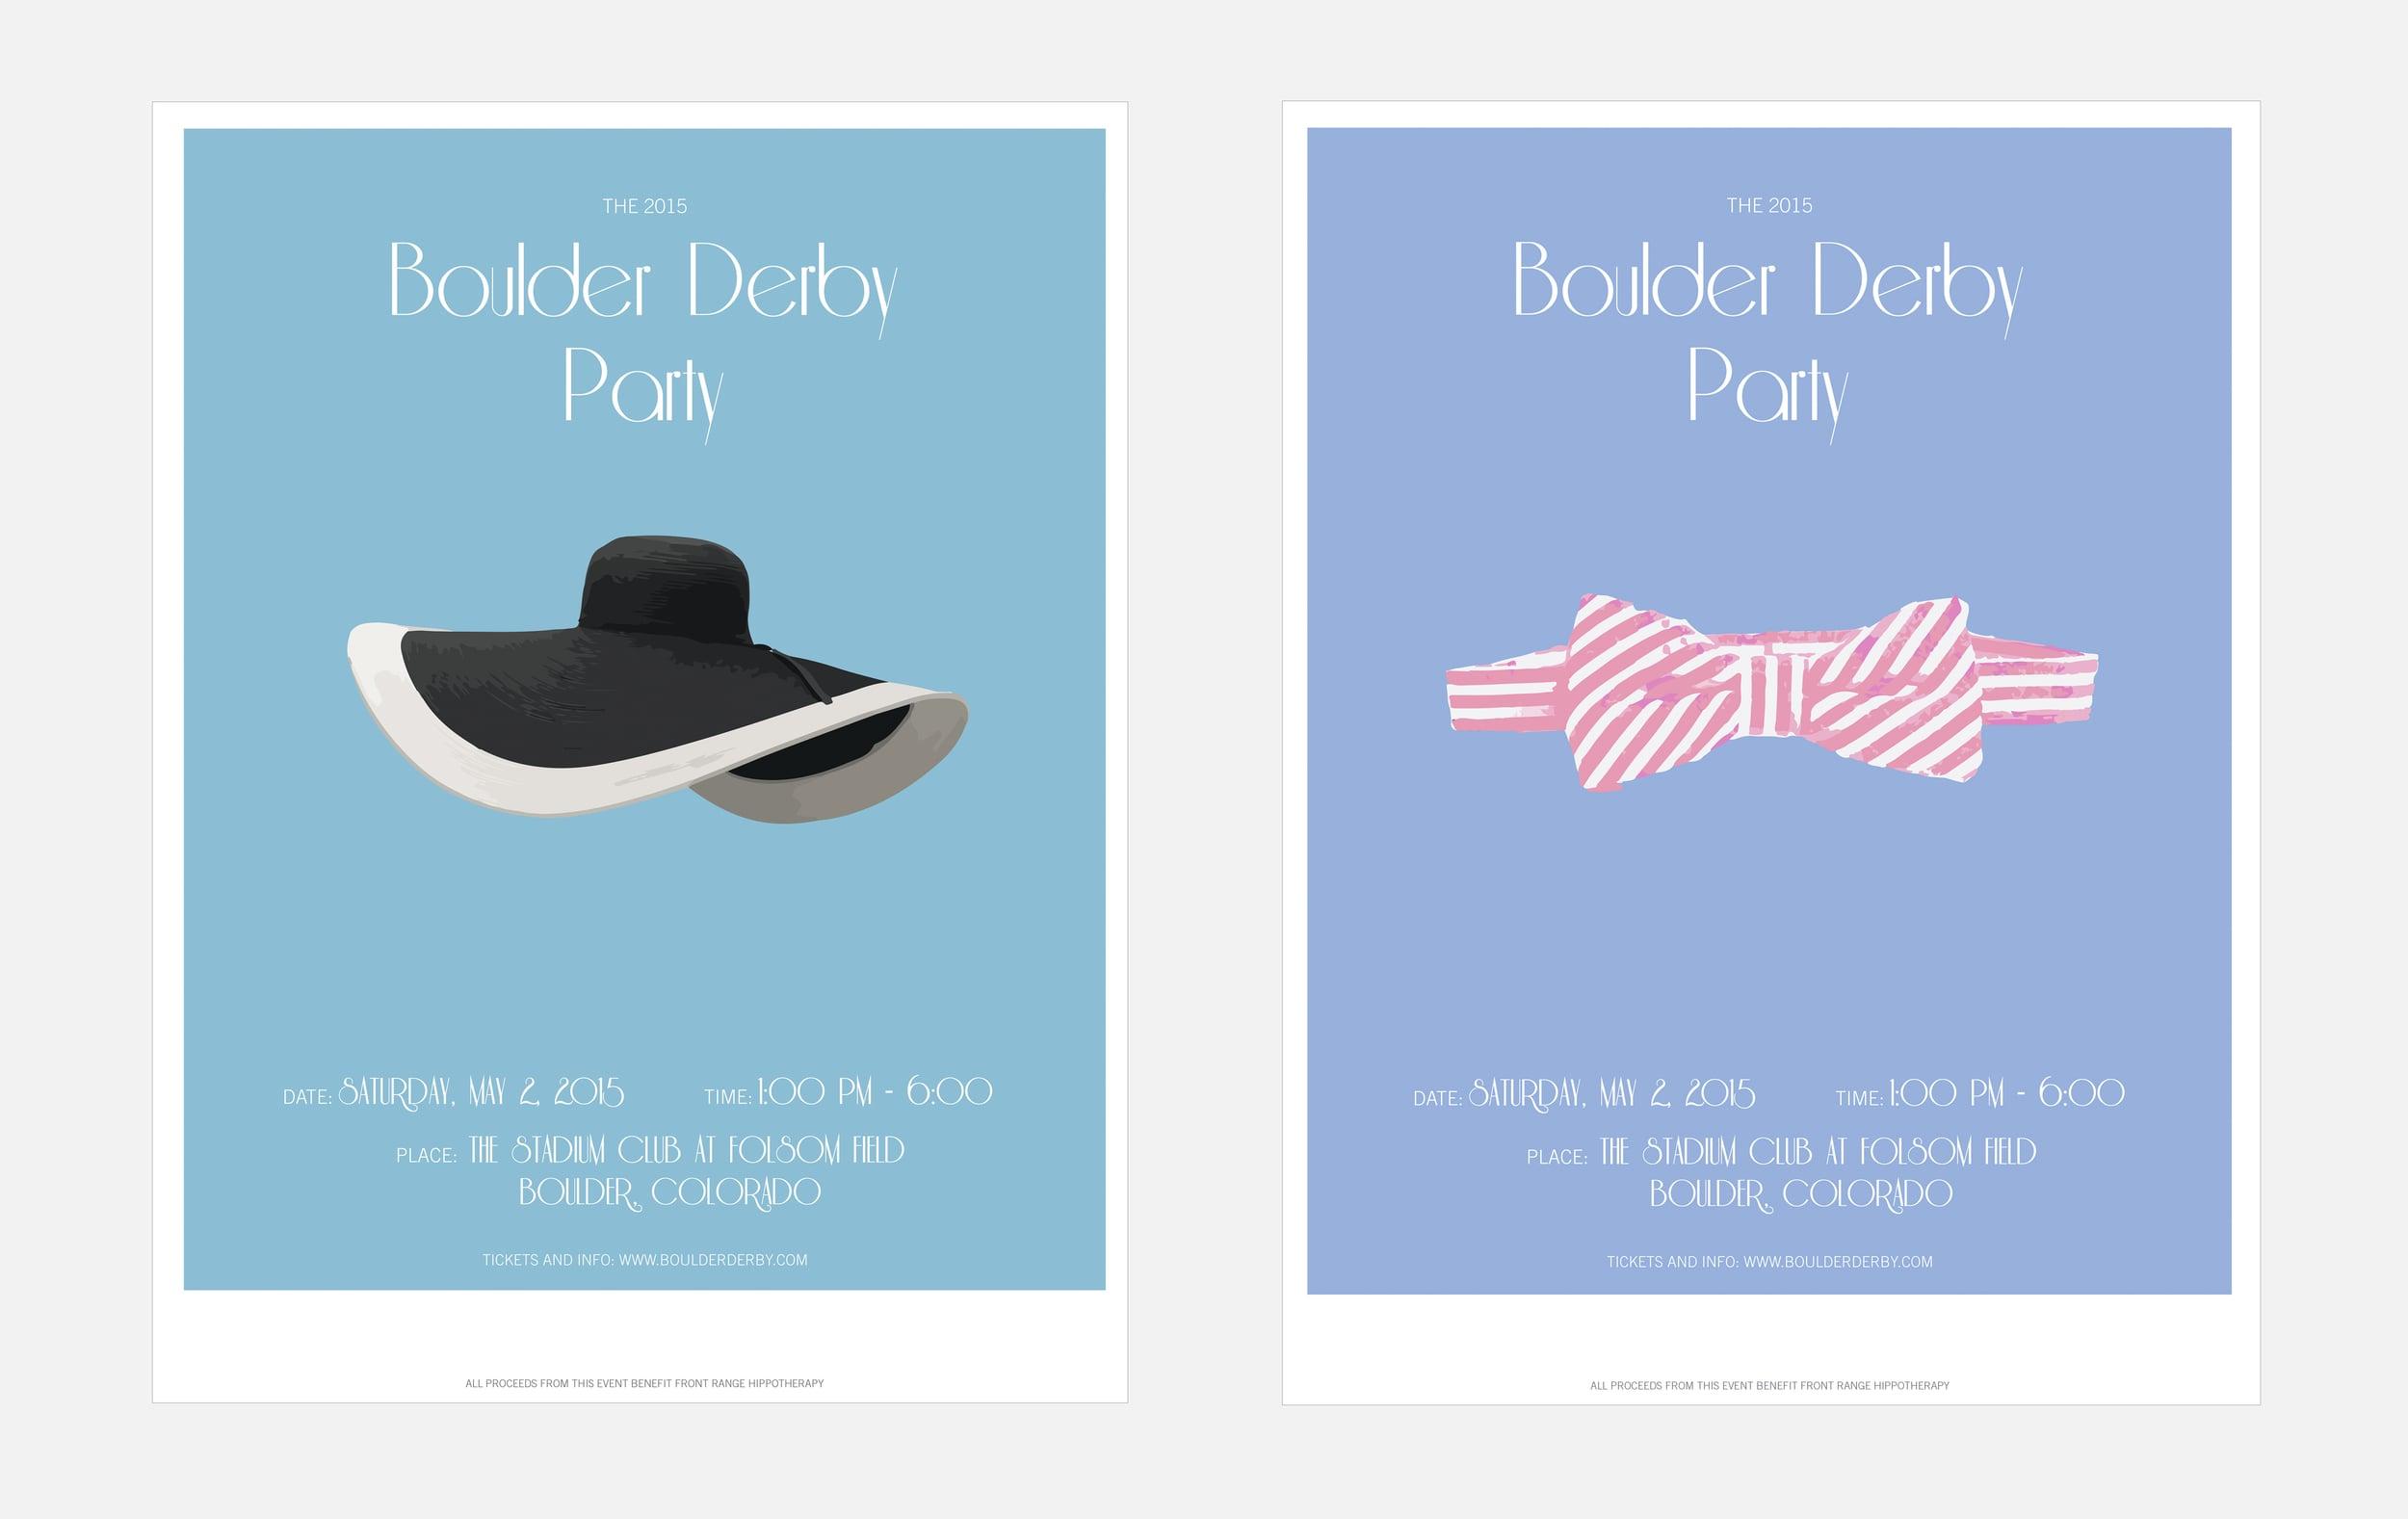 derby_posters.jpg